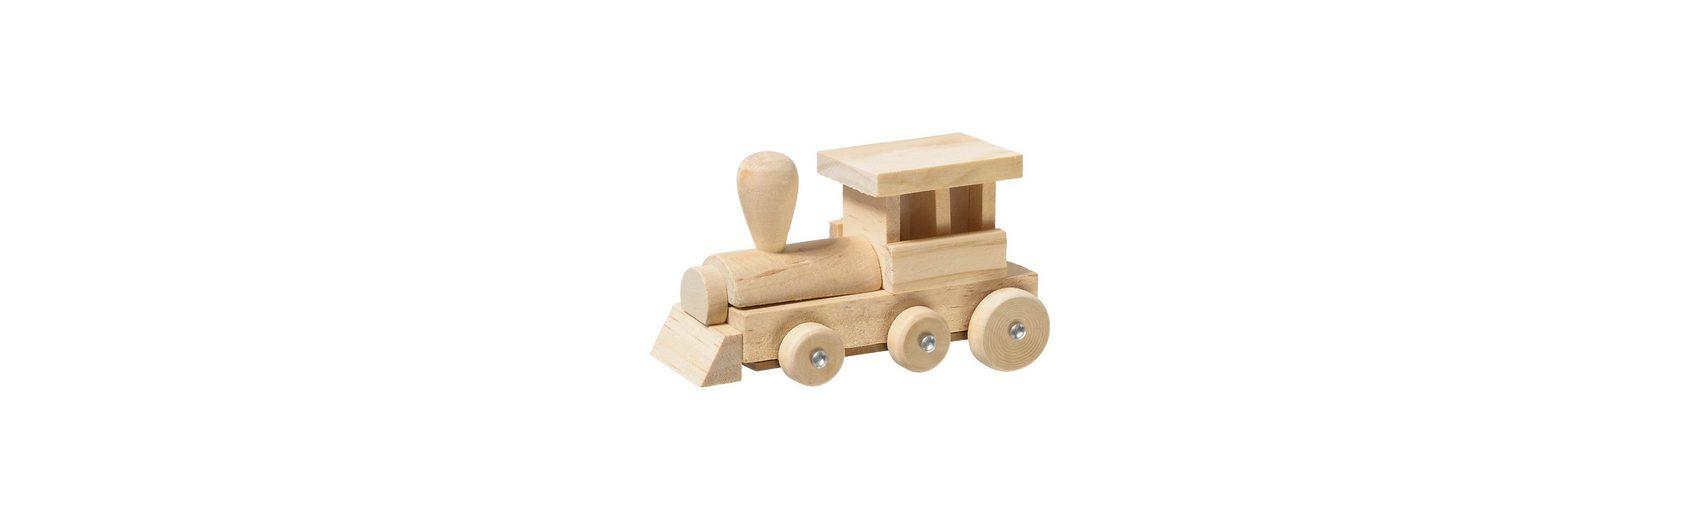 prohobb Modellbausatz Holz Eisenbahn